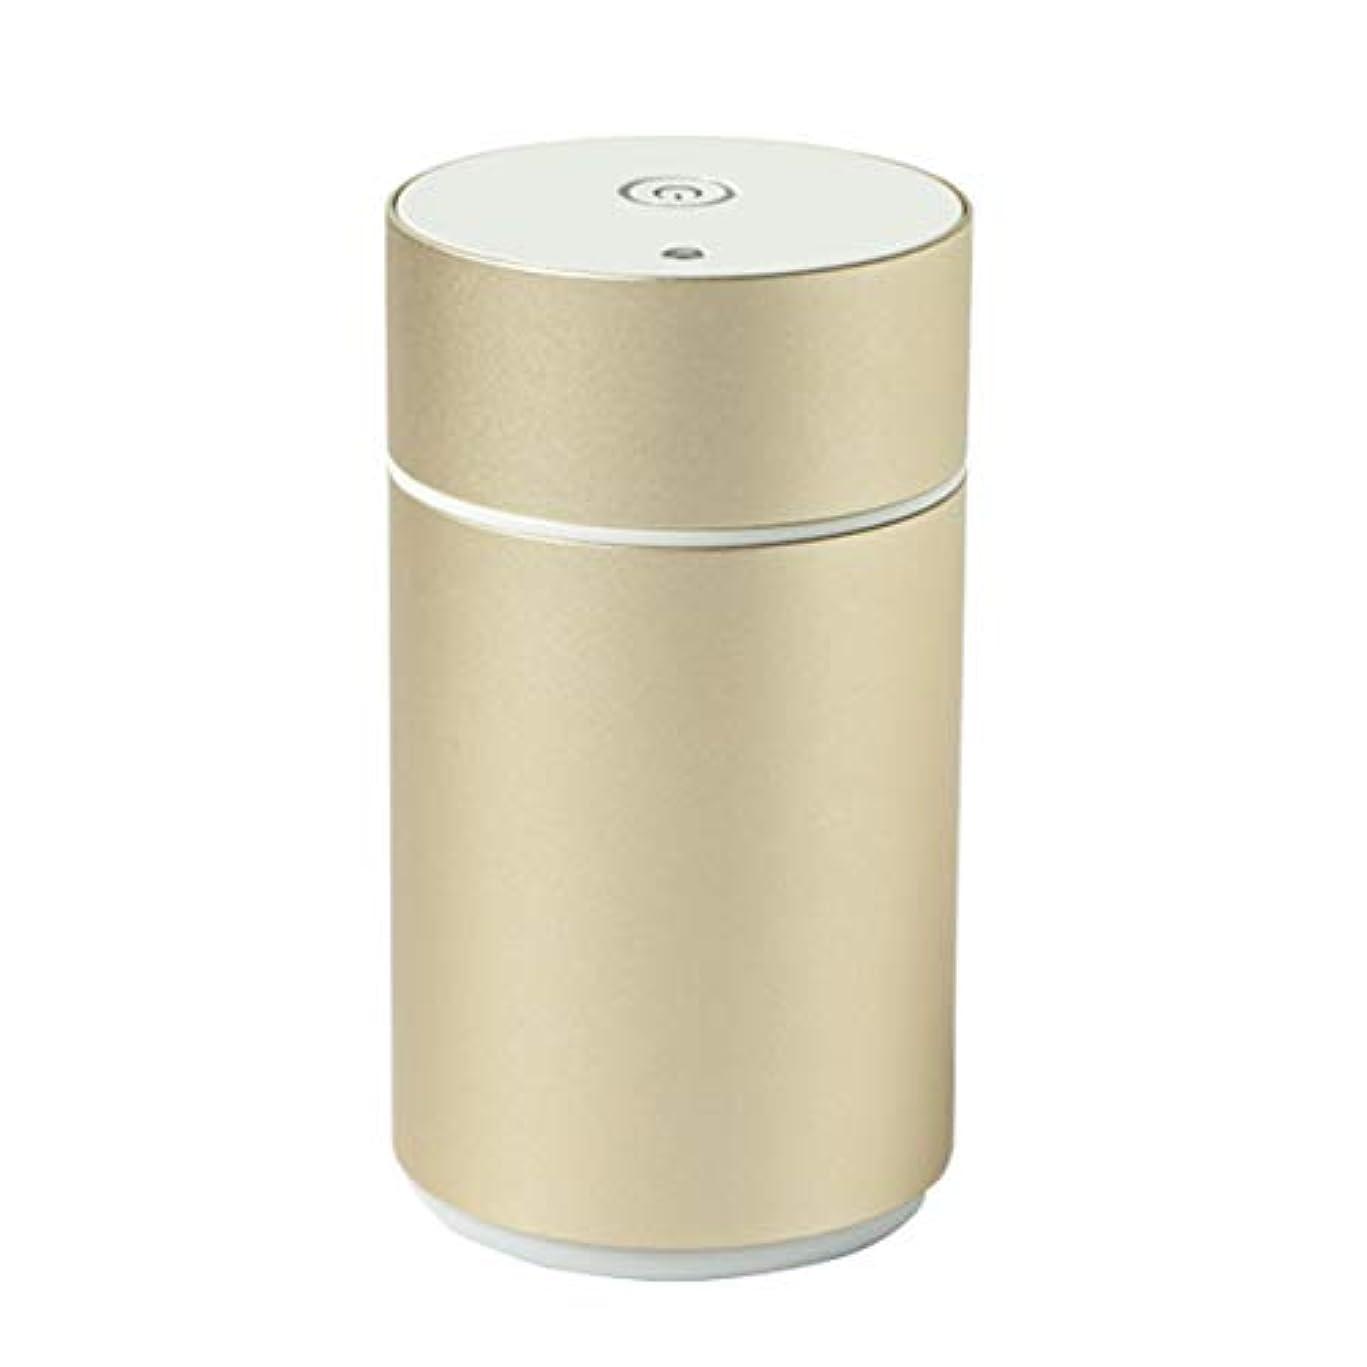 報酬物足りないメーカー生活の木 アロモア ミニ ゴールド (aromore mini gold) (エッセンシャルオイルディフューザー) (圧縮微粒子式アロマディフューザー)